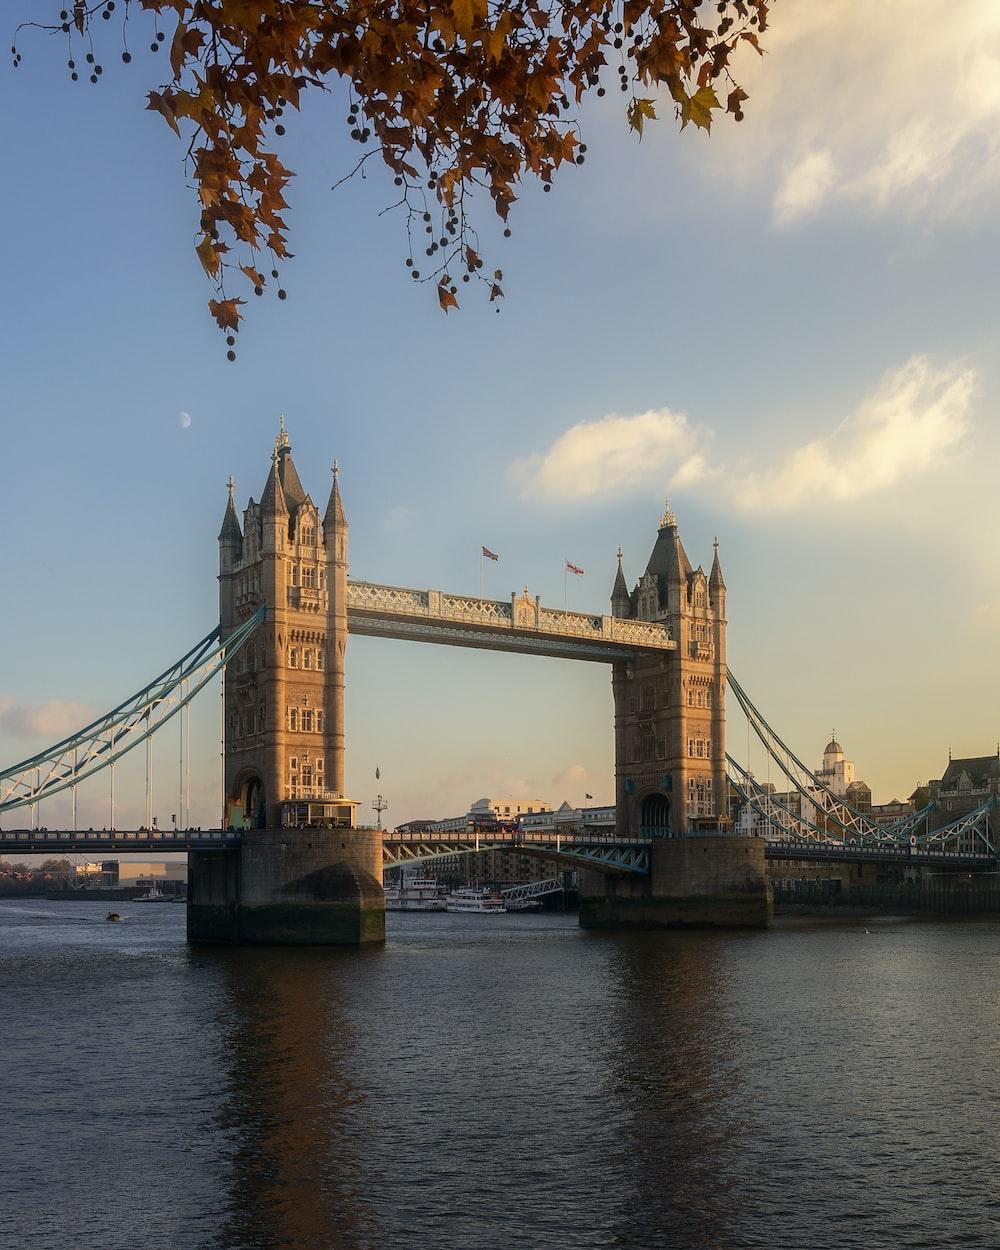 Tower Bridge, London during daytime